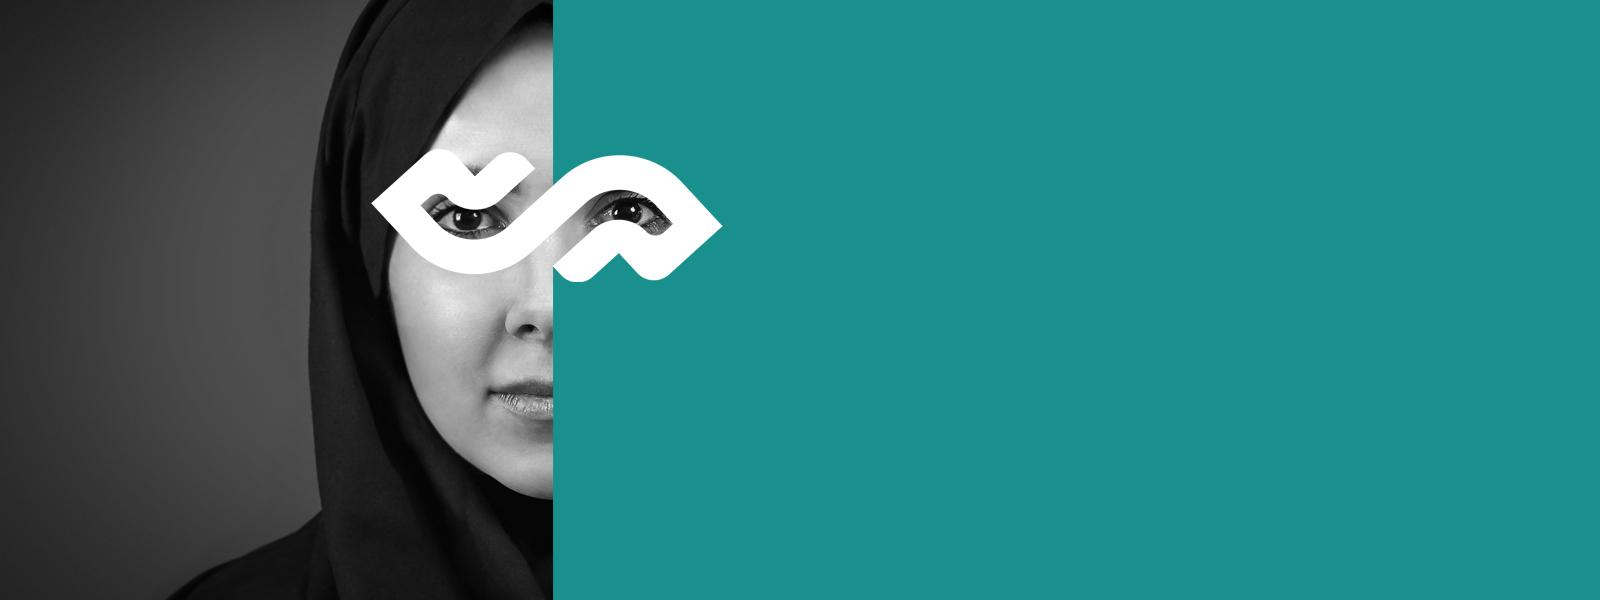 لایه ششم اسلایدر سی و پنجمین جشنواره تئاتر فجر ، عکاسی ، هویت بصری ، شرکت تبلیغاتی الف ، طراحی لوگو ، طراحی لوگوتایپ ، طراحی هویت بصری ، هویت بصری سی و پنجمین جشنواره بین المللی تئاتر فجر